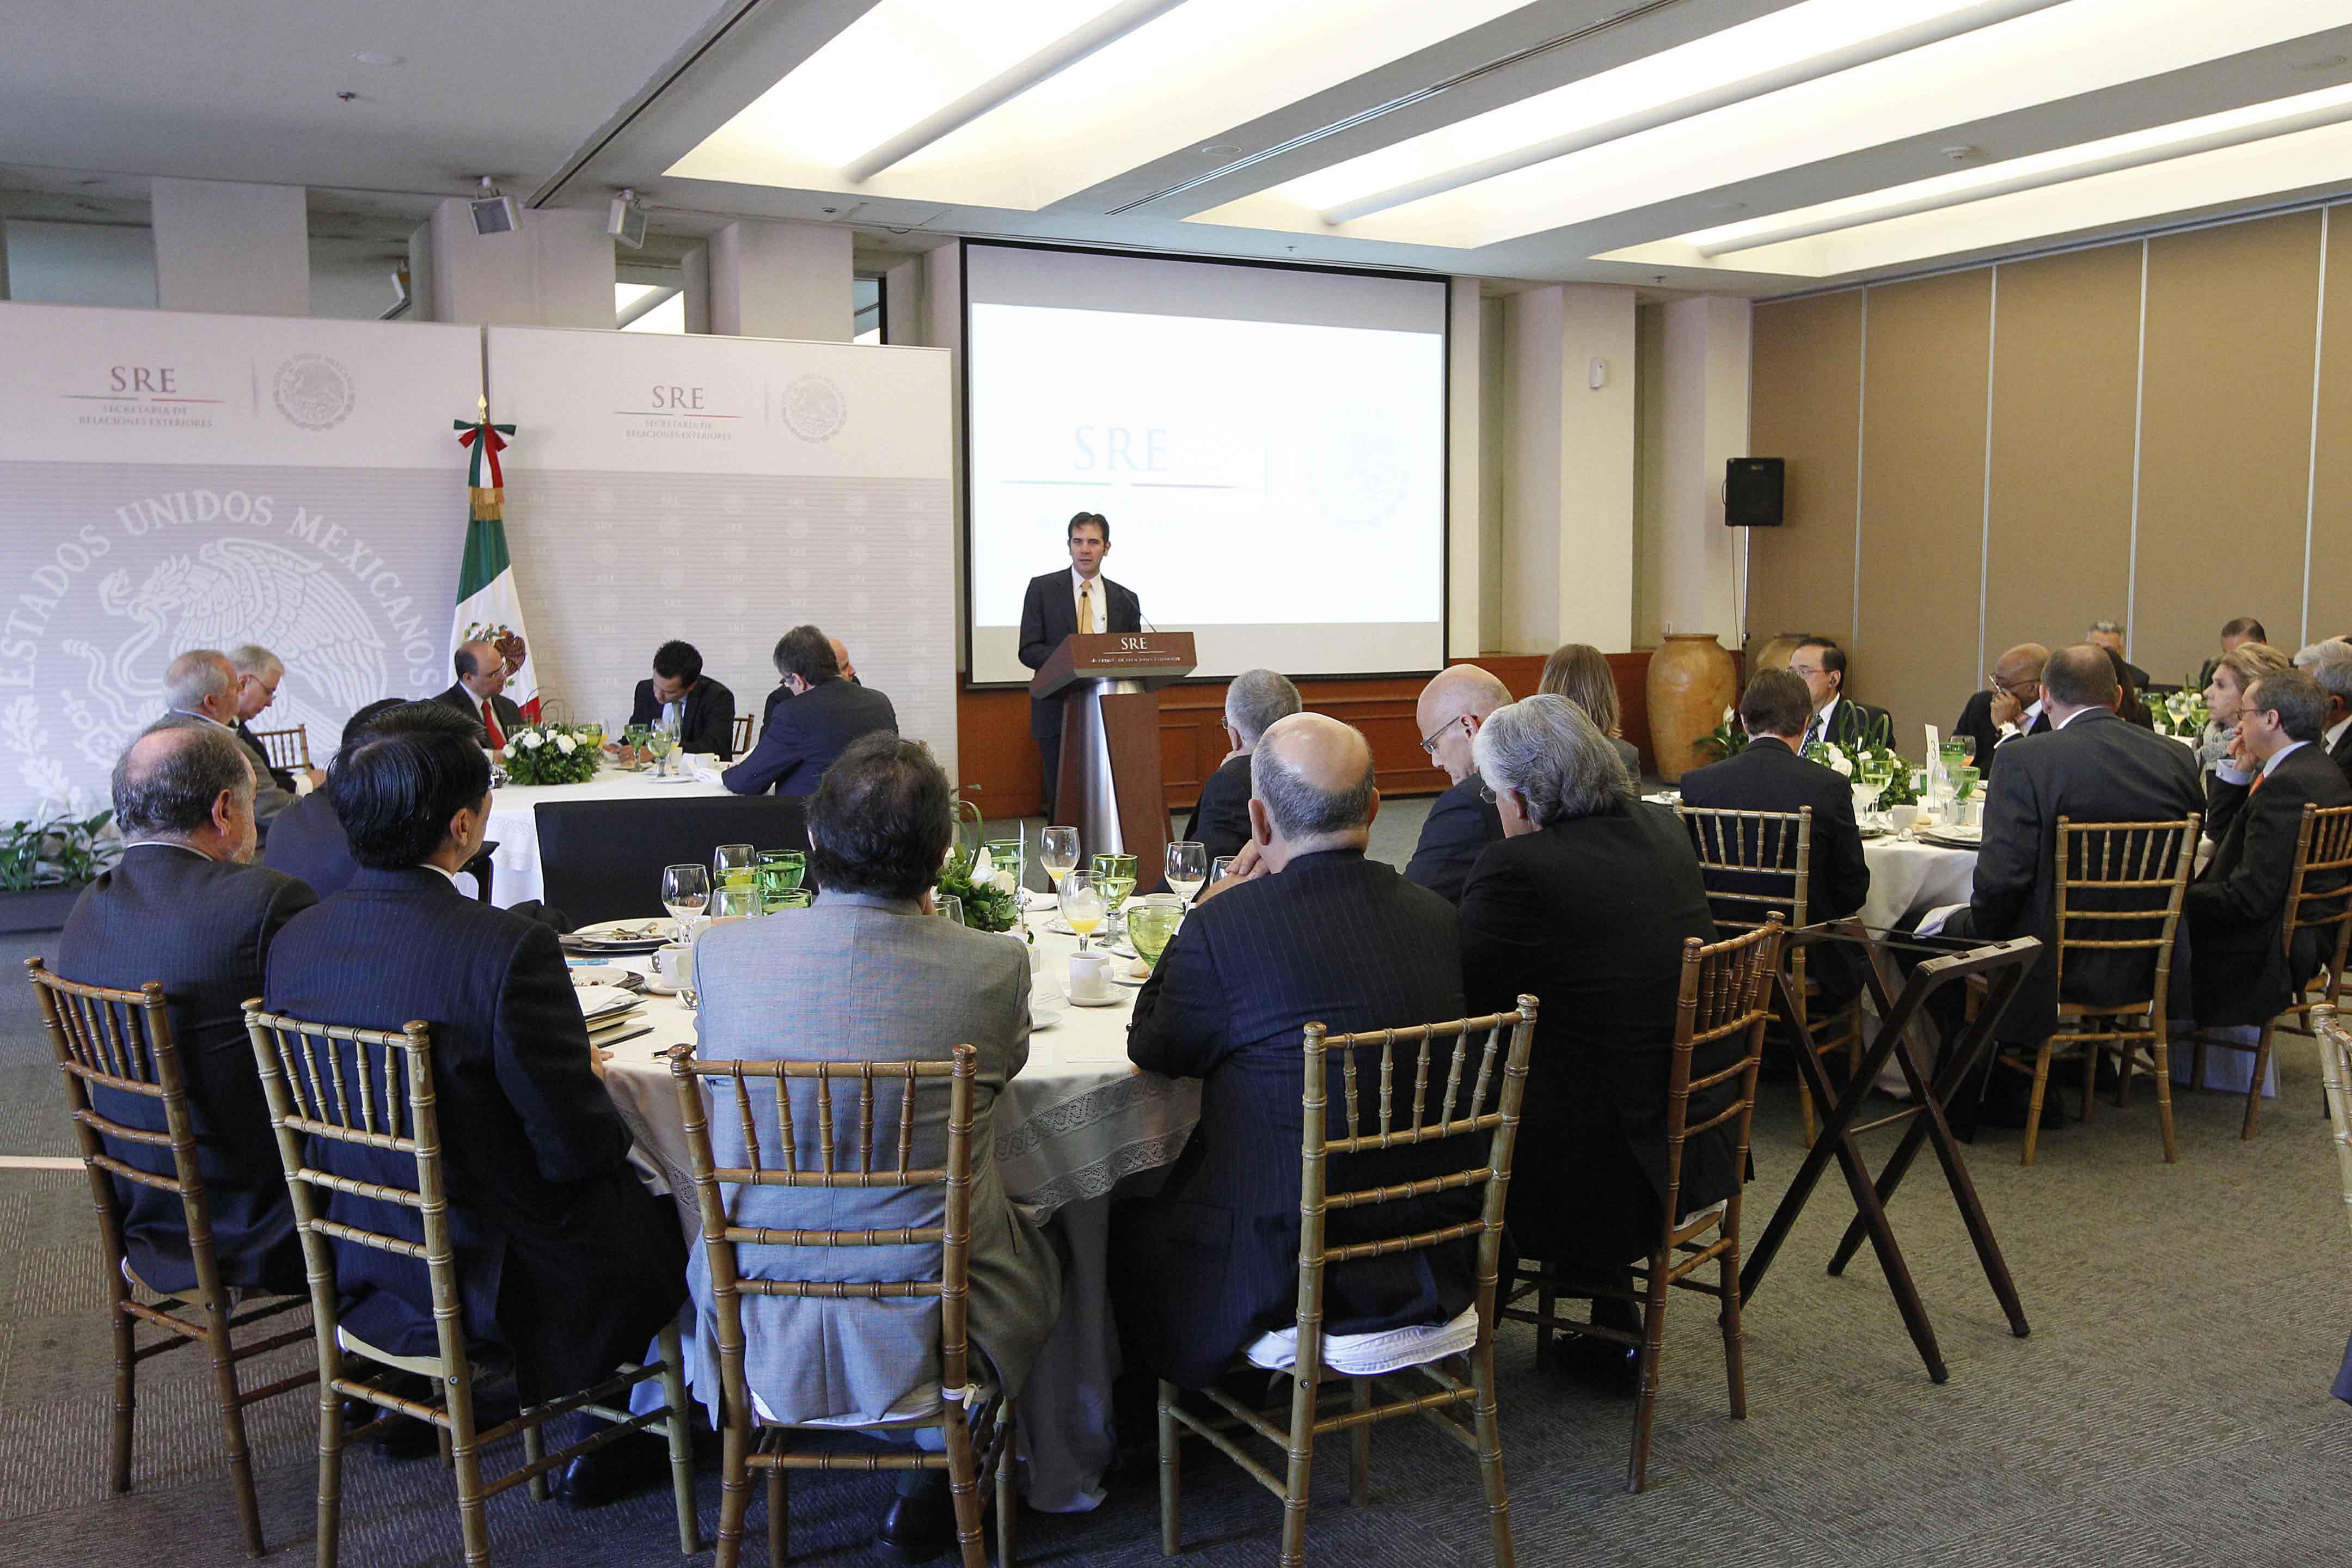 FOTO 2 Consejero presidente del INE  Lorenzo C rdova  se reuni  con el cuerpo diplom ticojpg